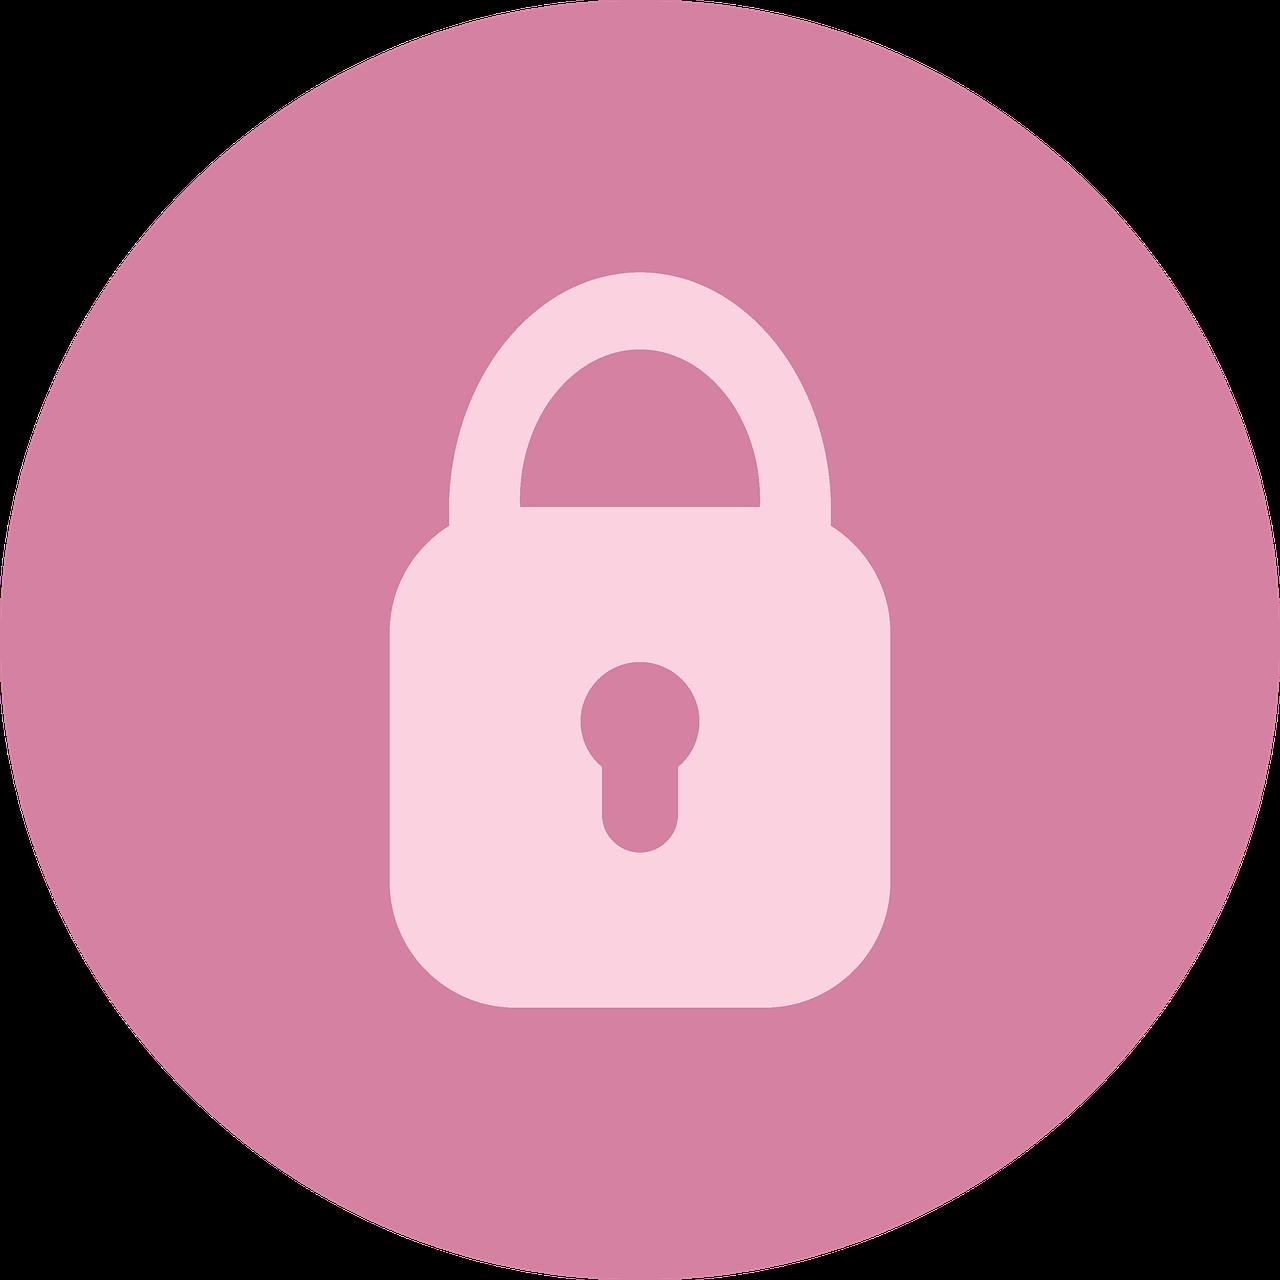 本日は、ドキュメントをメール等で送付する時に、フォルダ、ドキュメントにパスワードをかけてロックする方法を2つ紹介します。